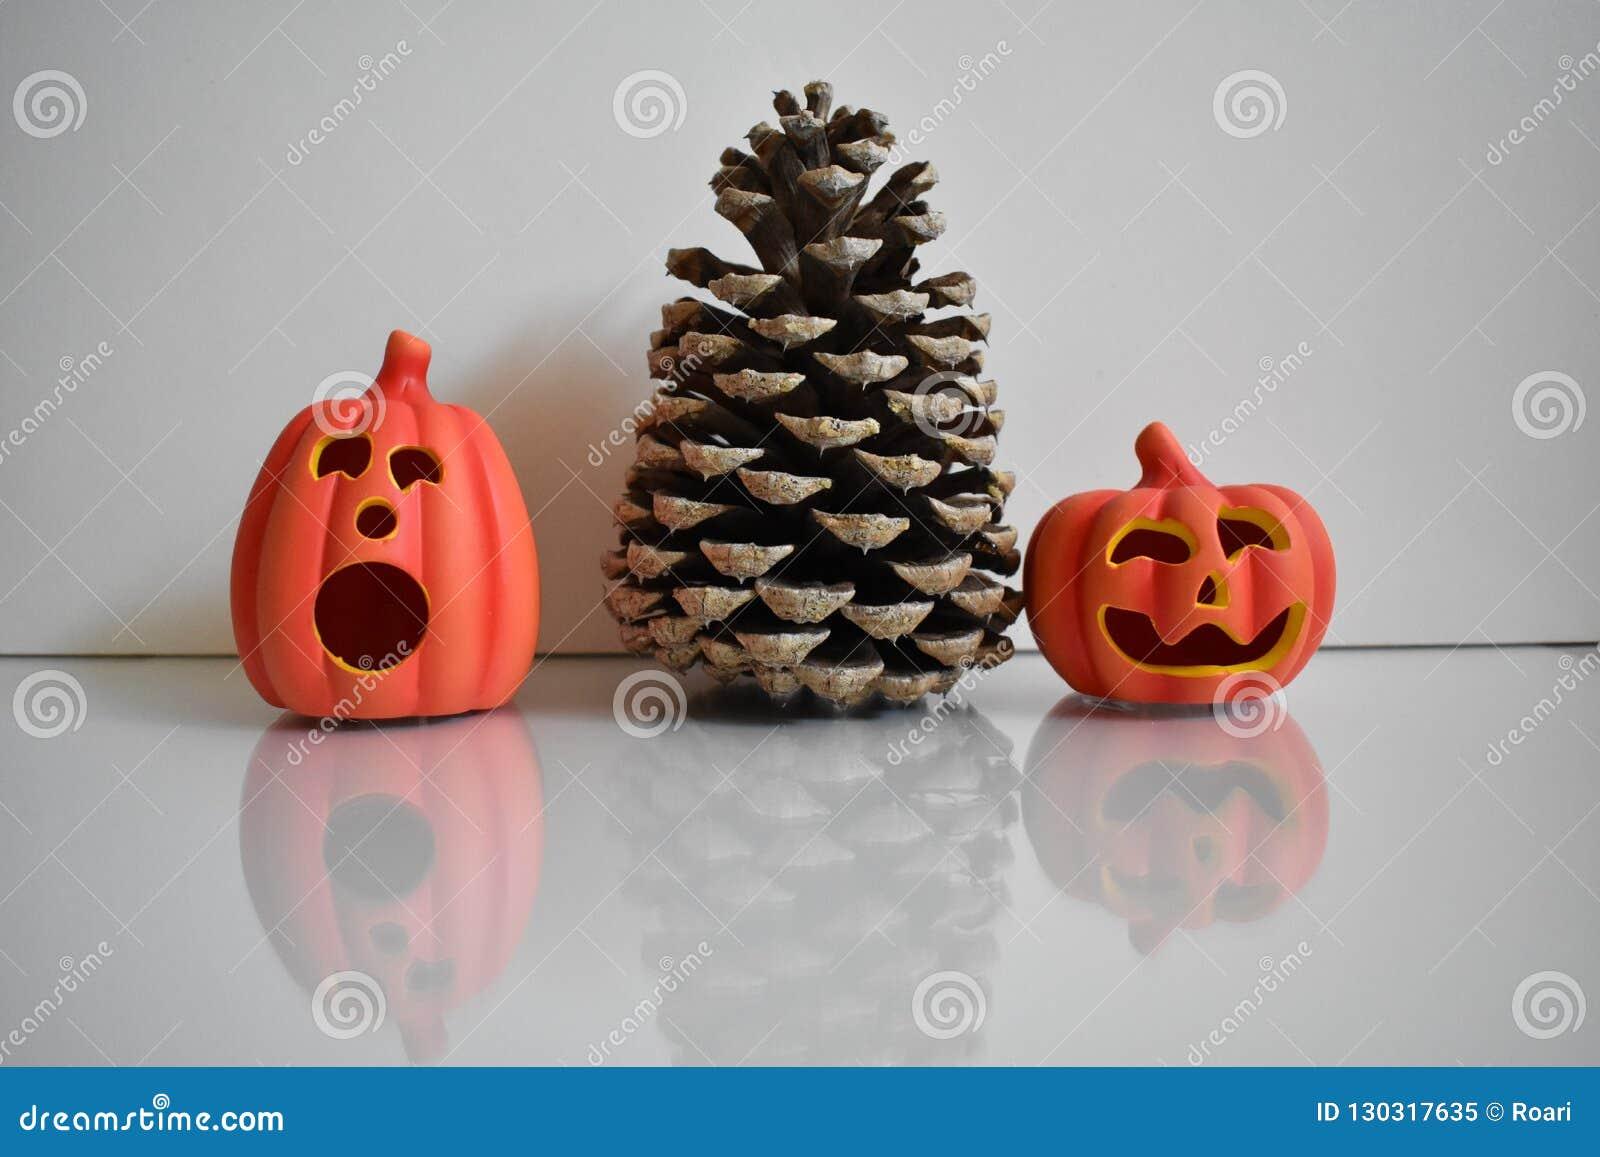 Grote kegel met twee oranje pompoenen, Halloween-decoratie op witte achtergrond